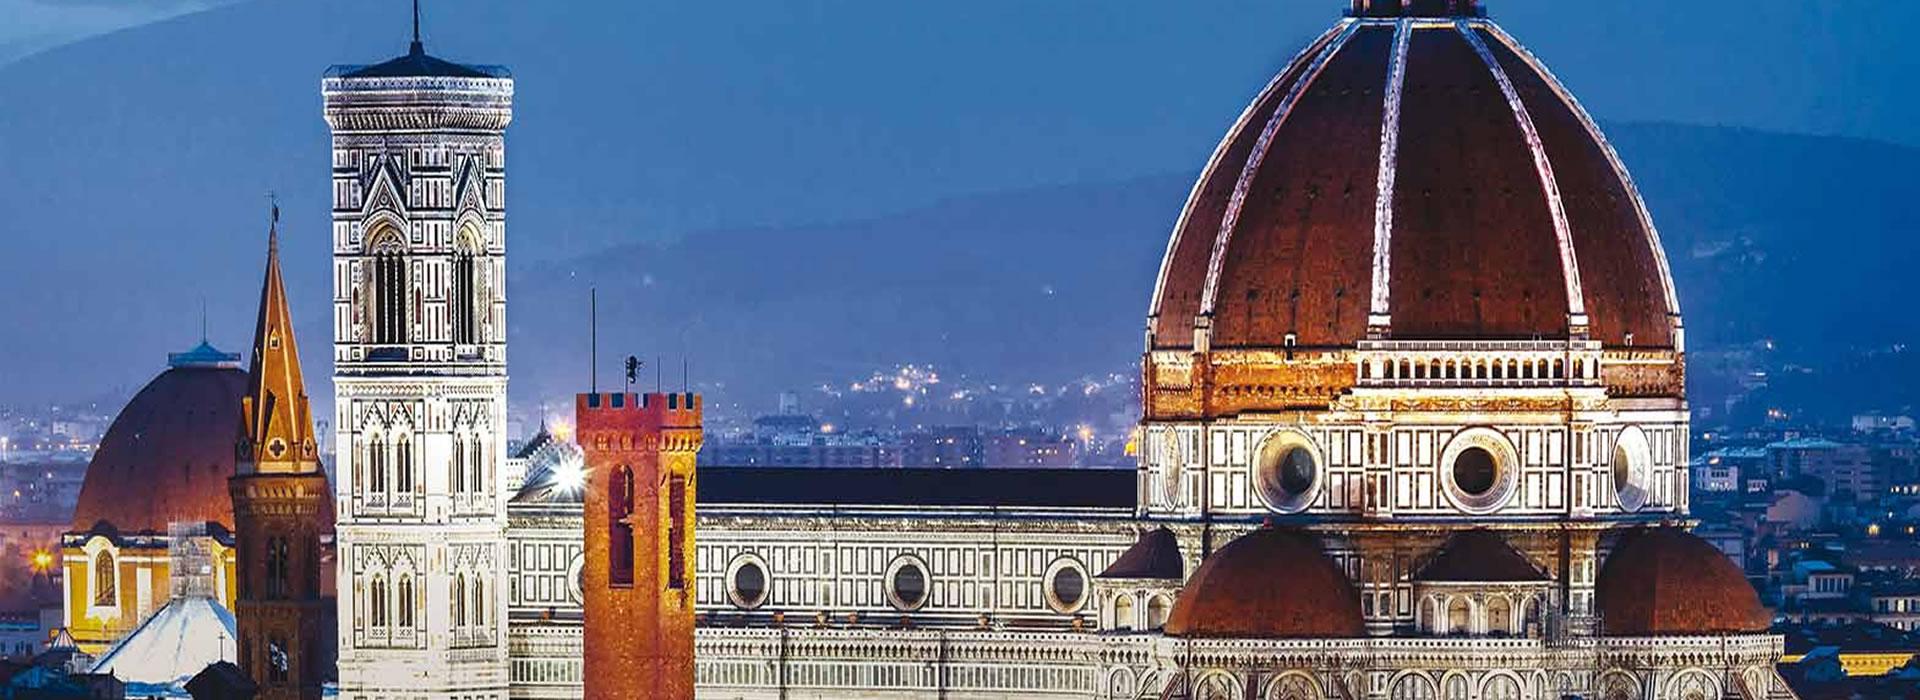 Firenze-1600x900